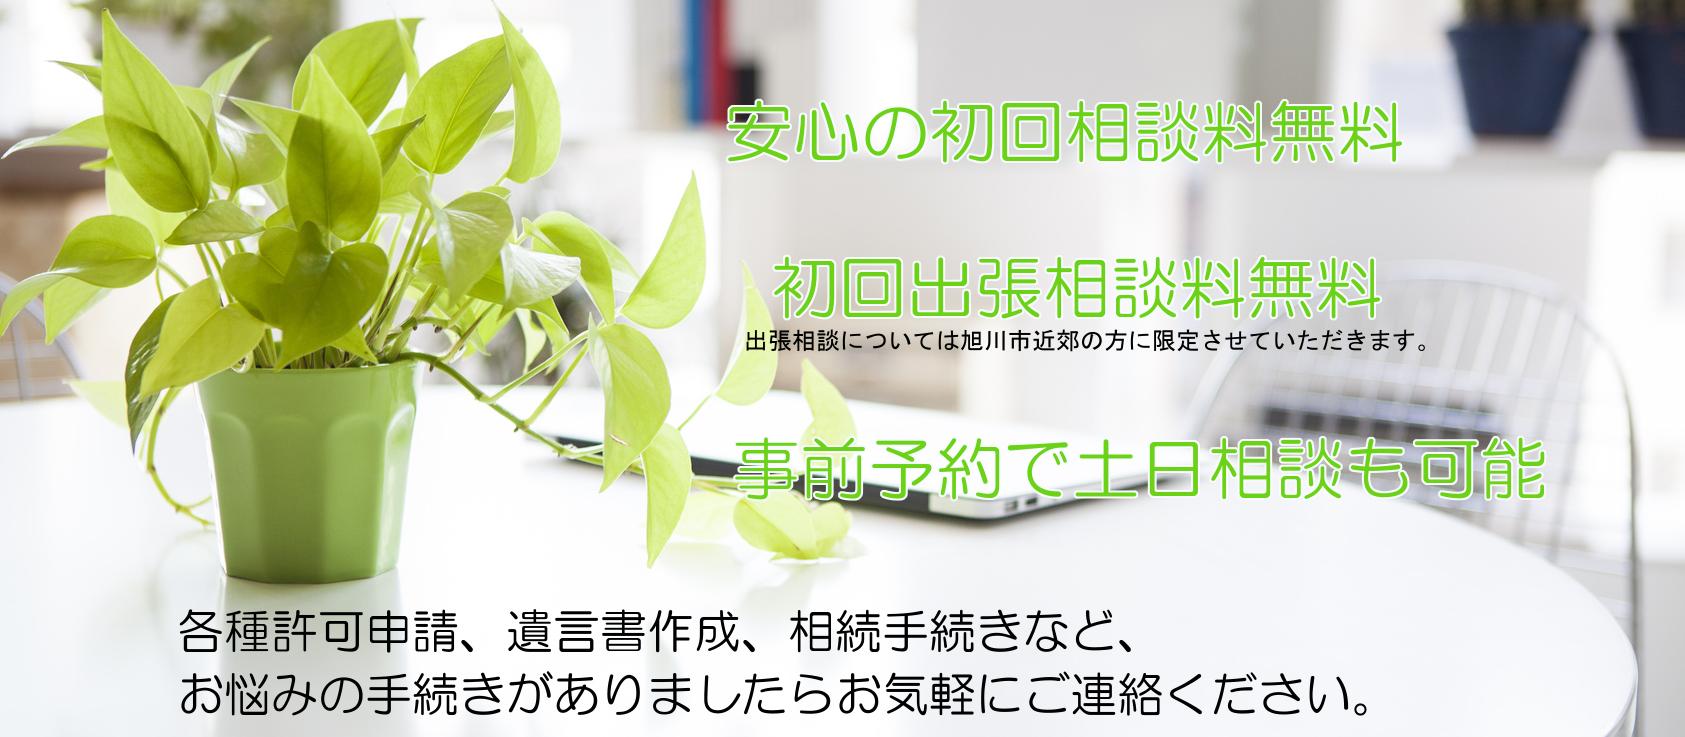 事務所TOPページ 画像